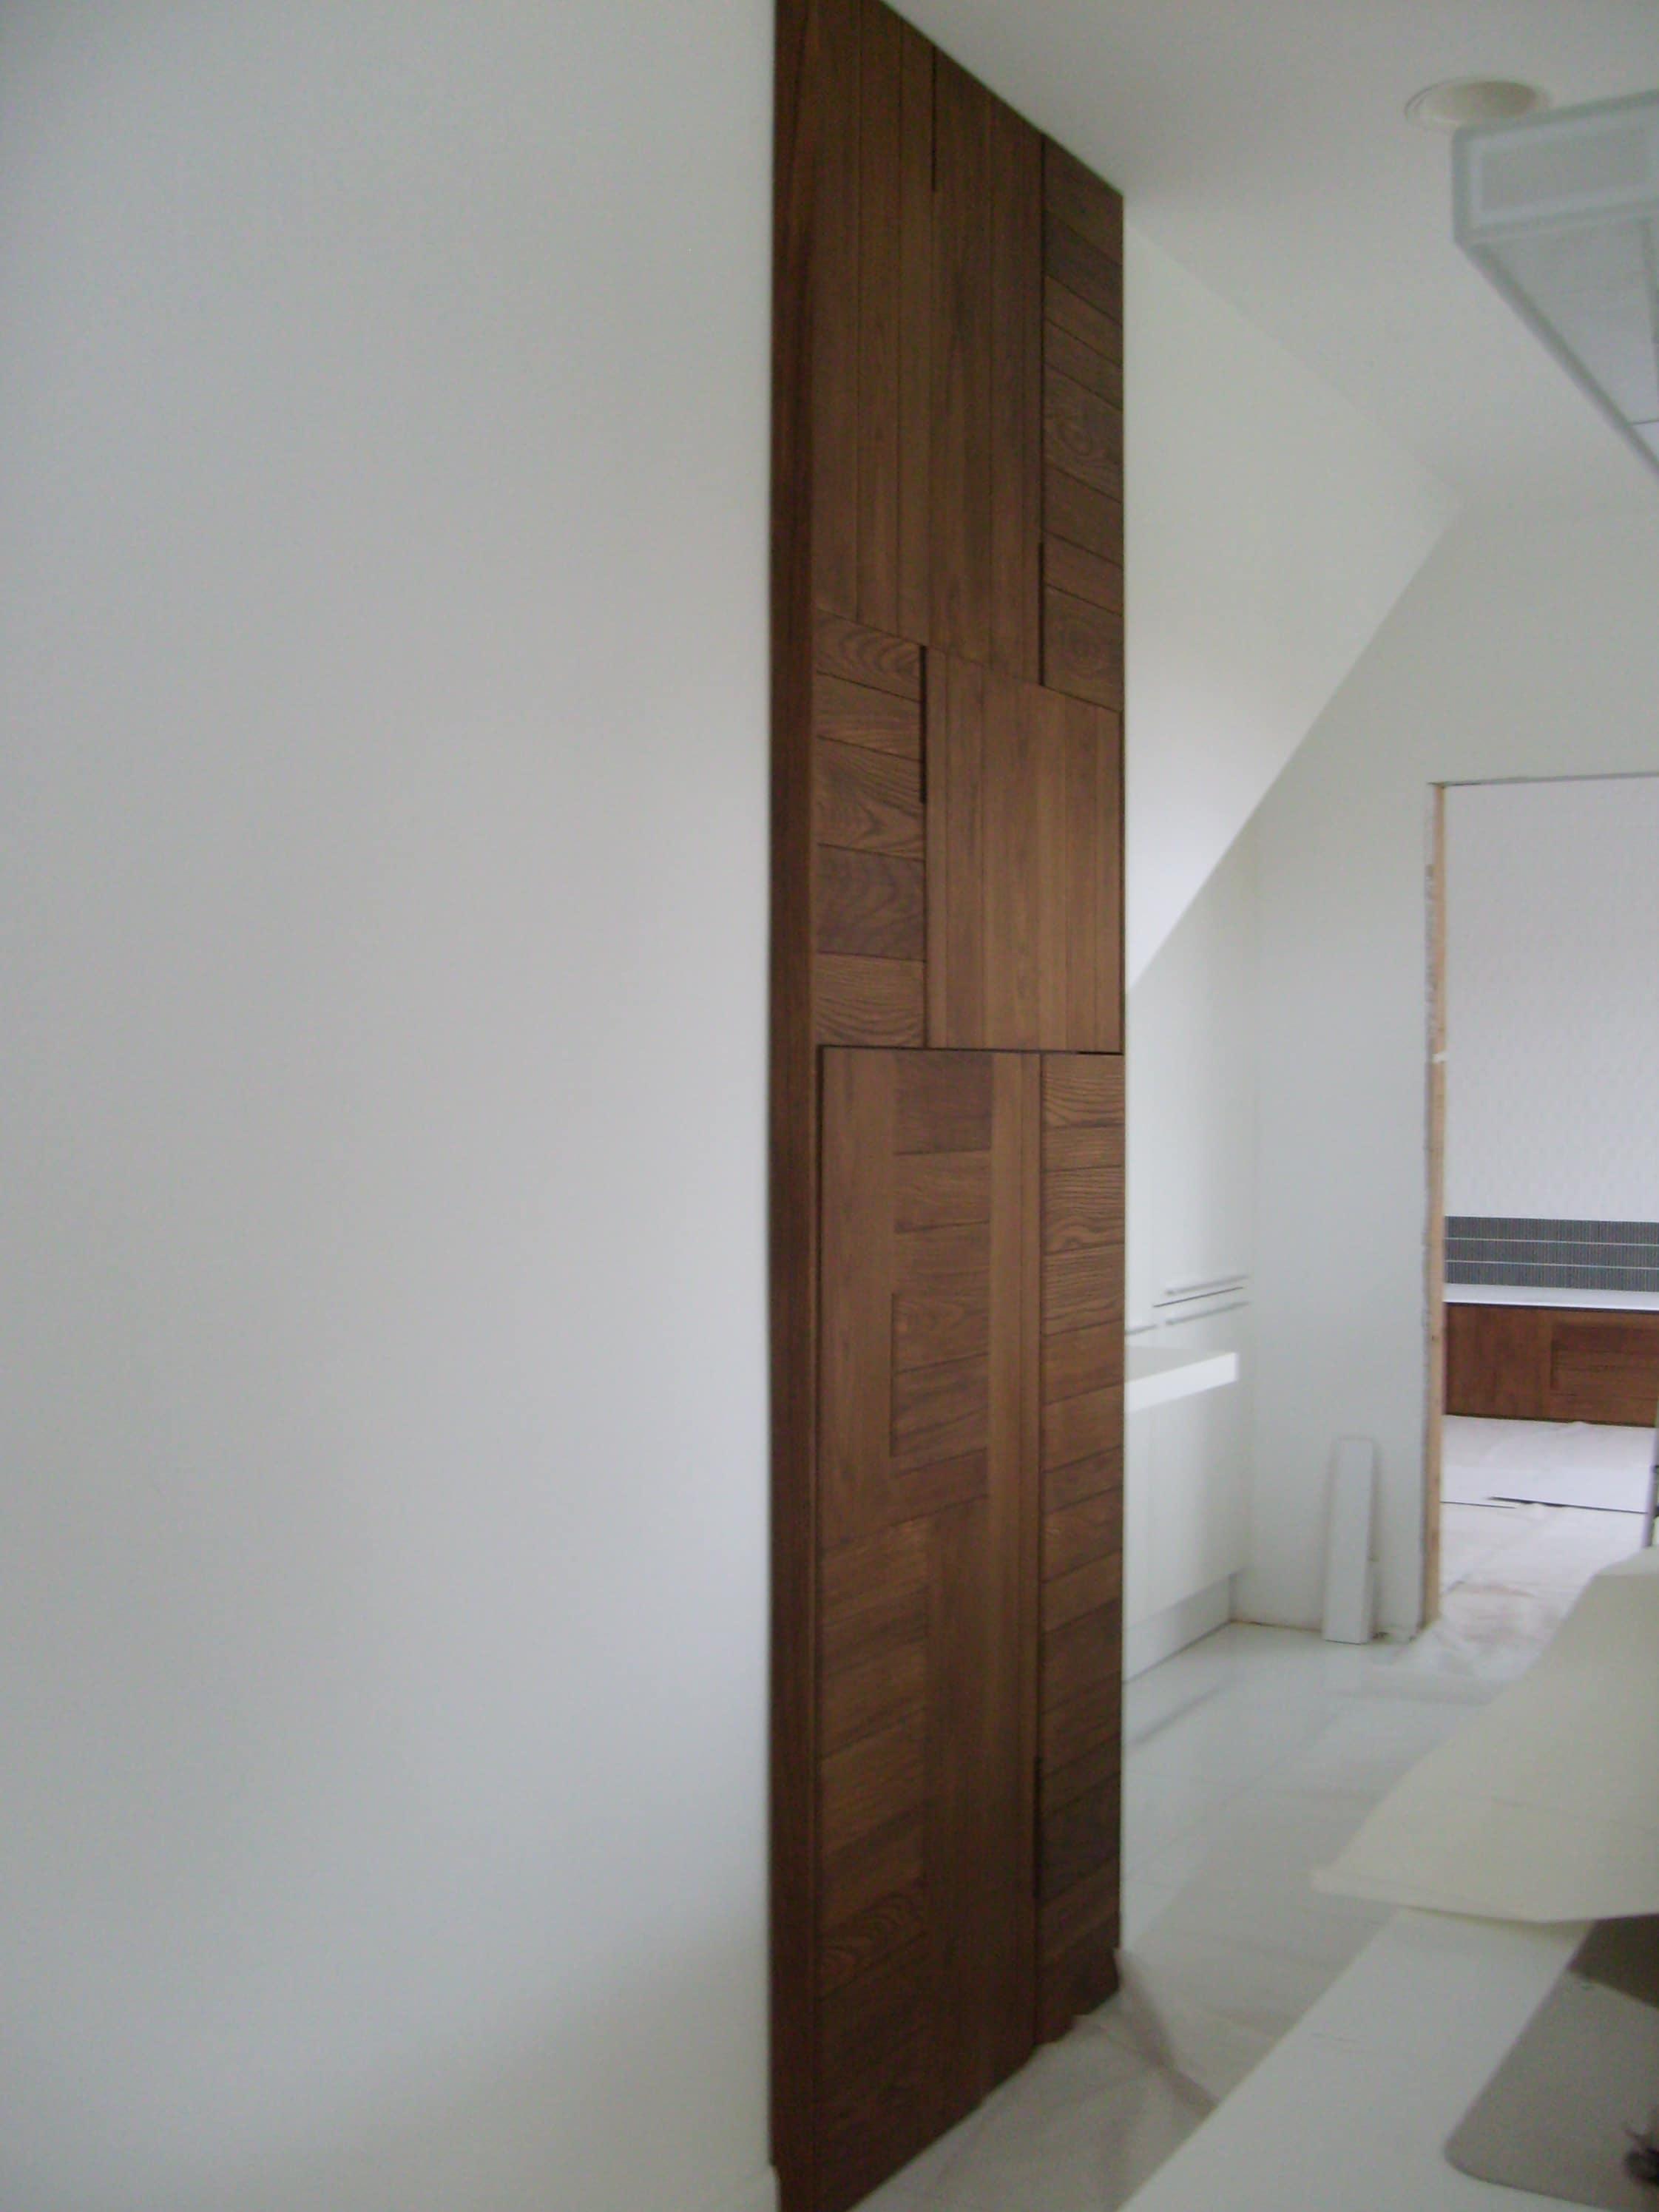 Telaio su misura con applicazioni di legno massello frassino. Progetto: architetto Roberto Virdis